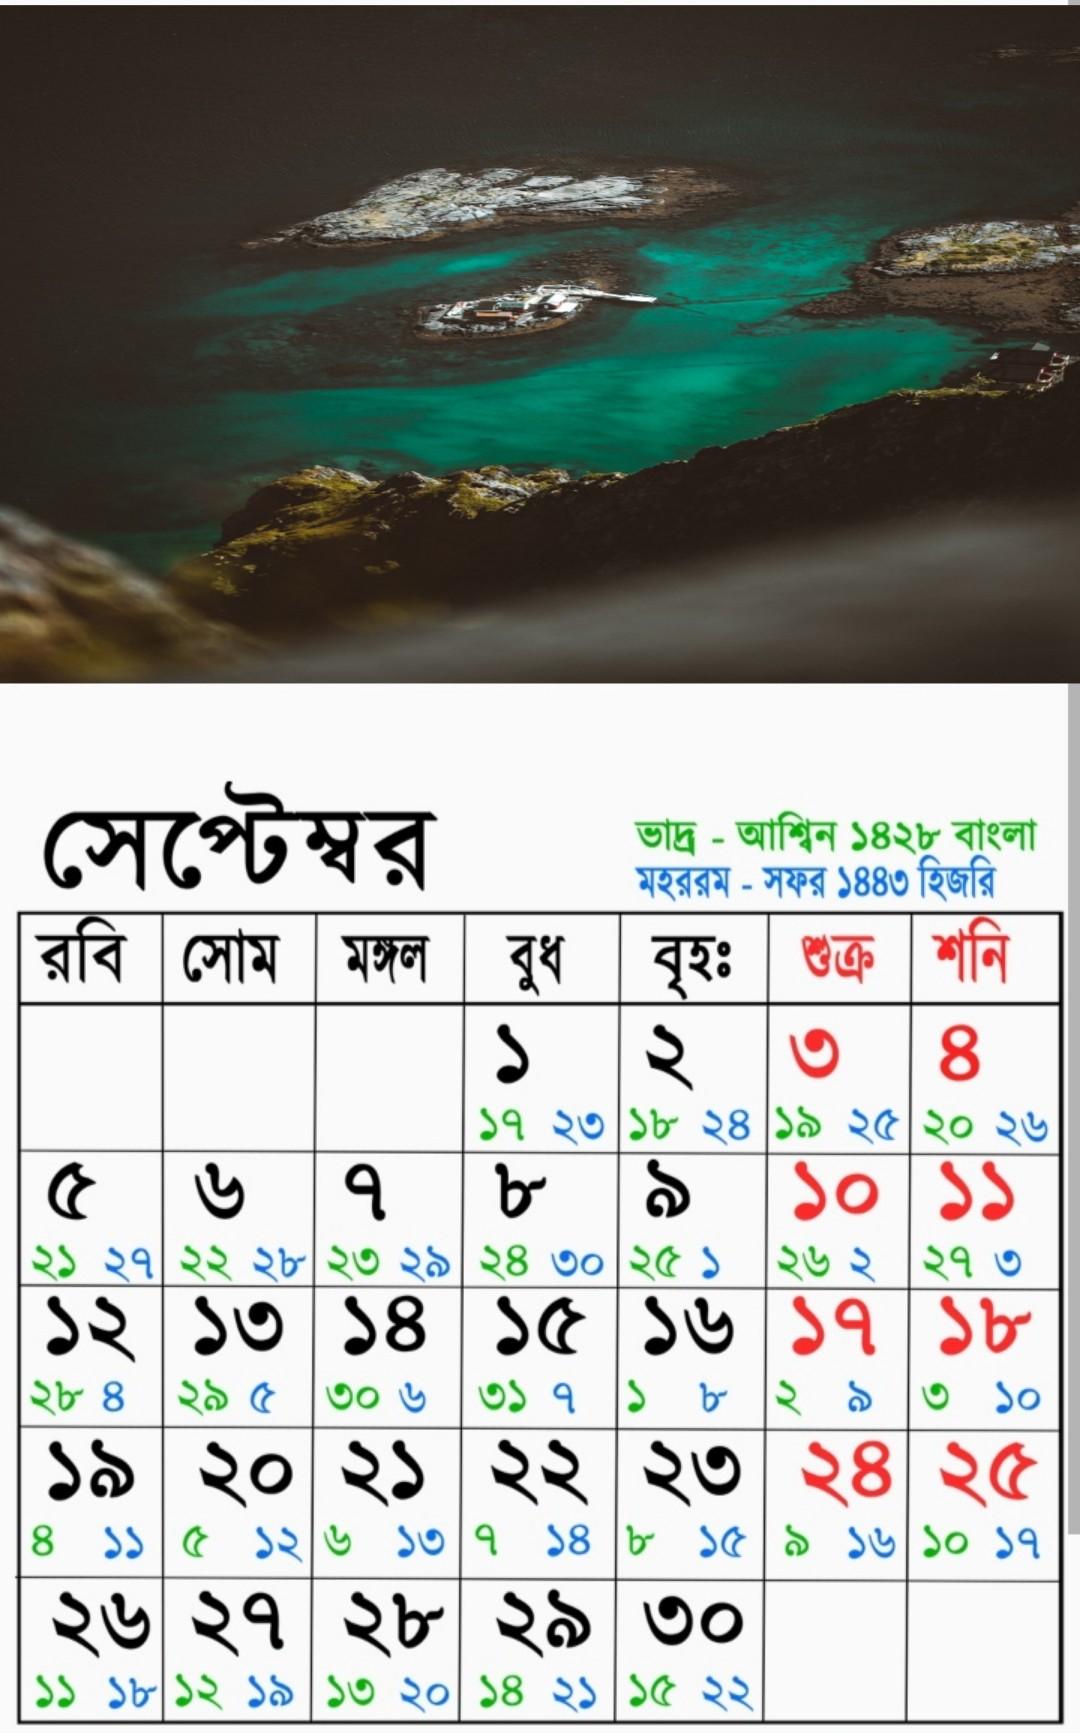 September Bangla English Arabi Calendar 2021 | সেপ্টেম্বর বাংলা ইংরেজি আরবি ক্যালেন্ডার ২০২১